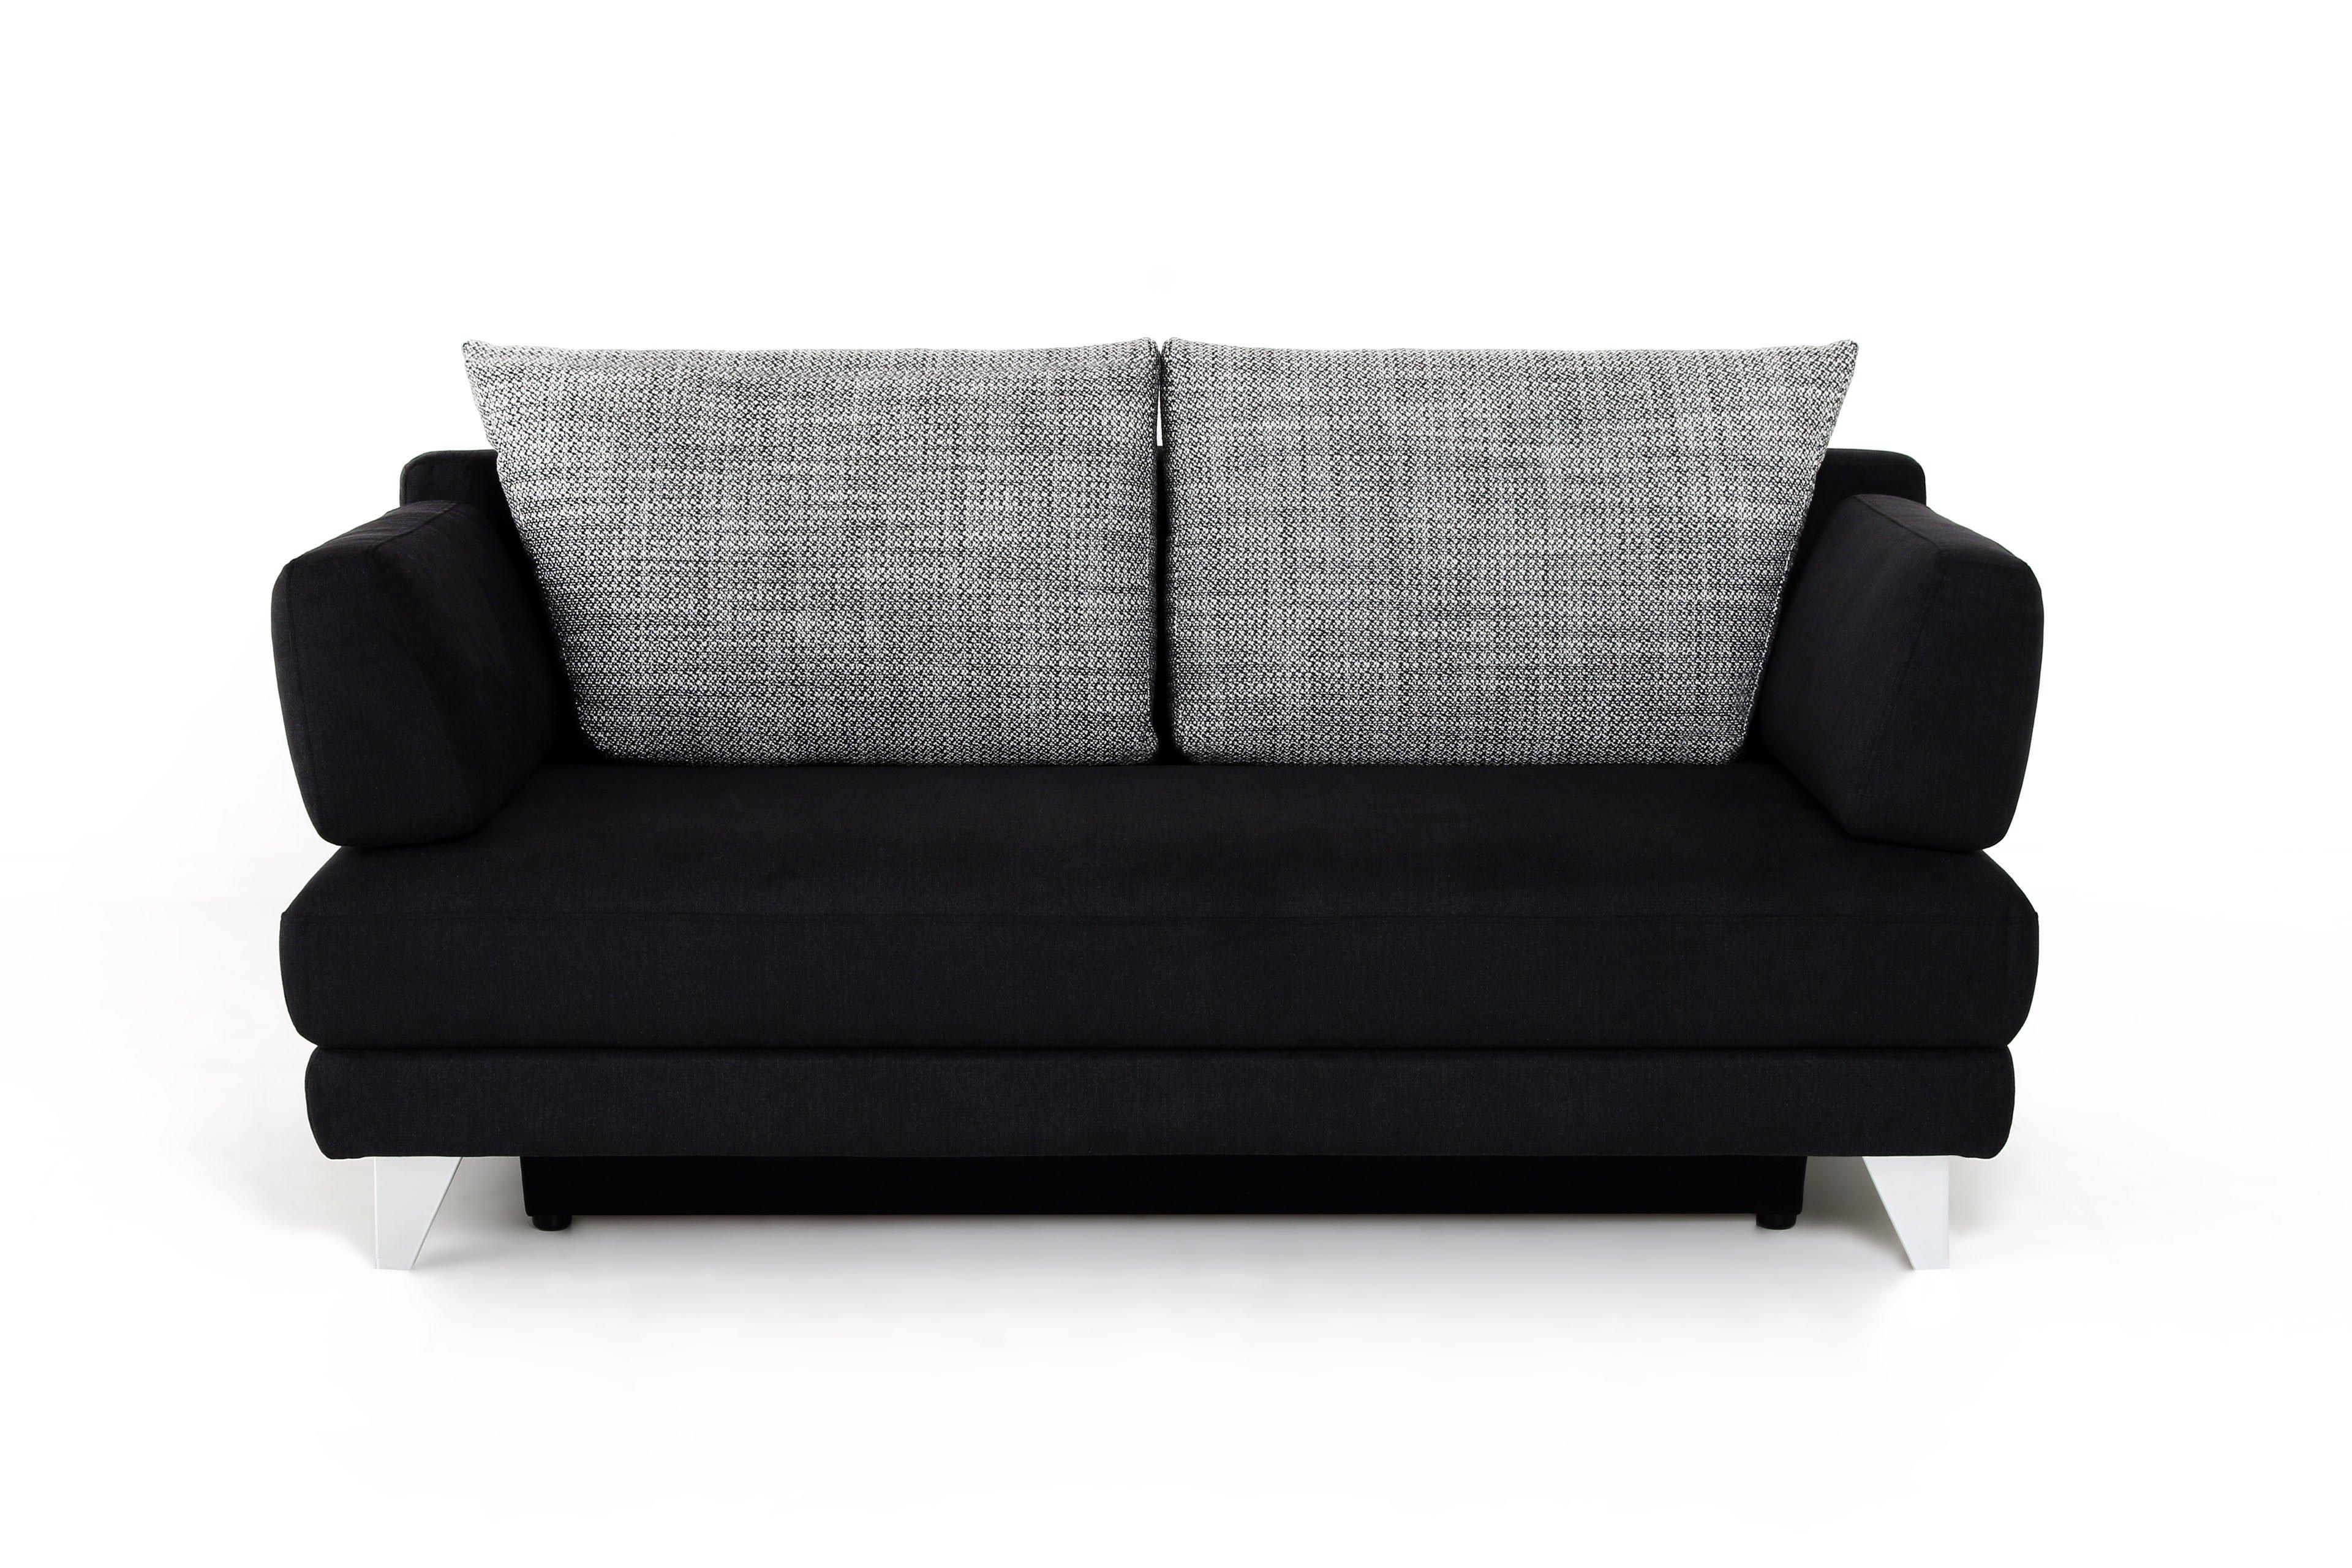 anna von bali schlafsofa schwarz mit bettkasten - Eckschlafsofa Die Praktischen Sofa Fur Ihren Komfort